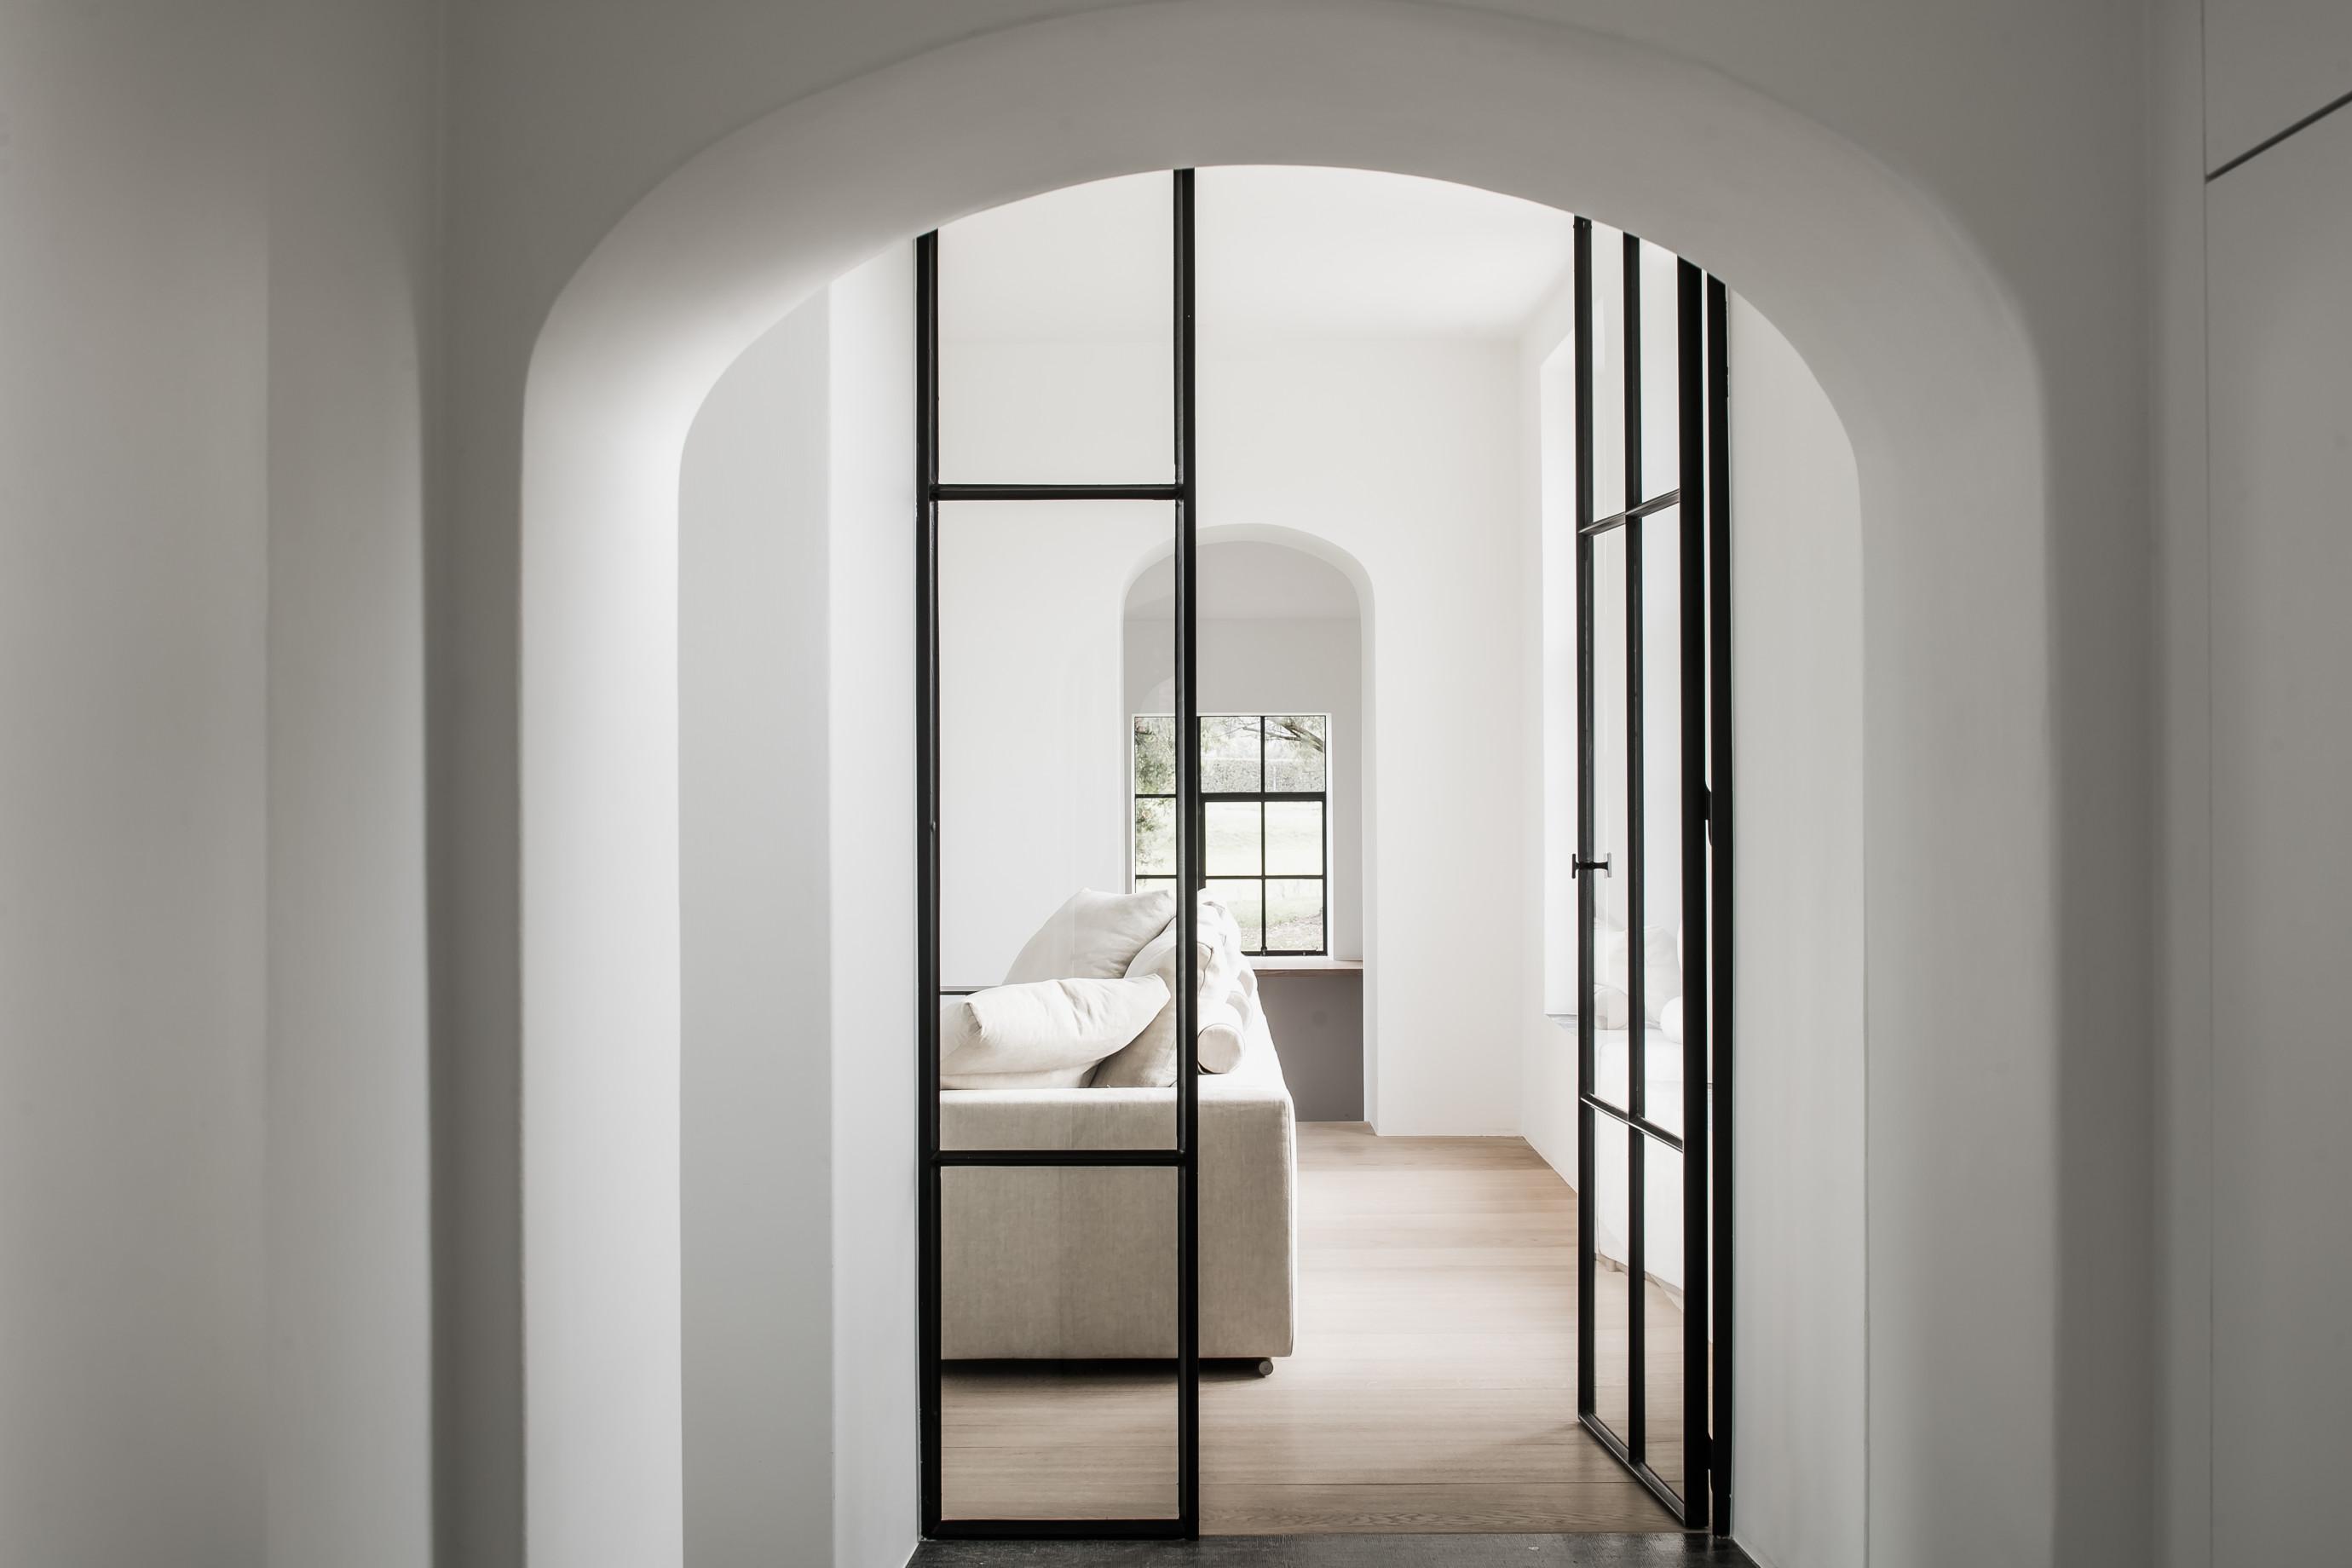 am designs-be Waasmunster-28.jpg